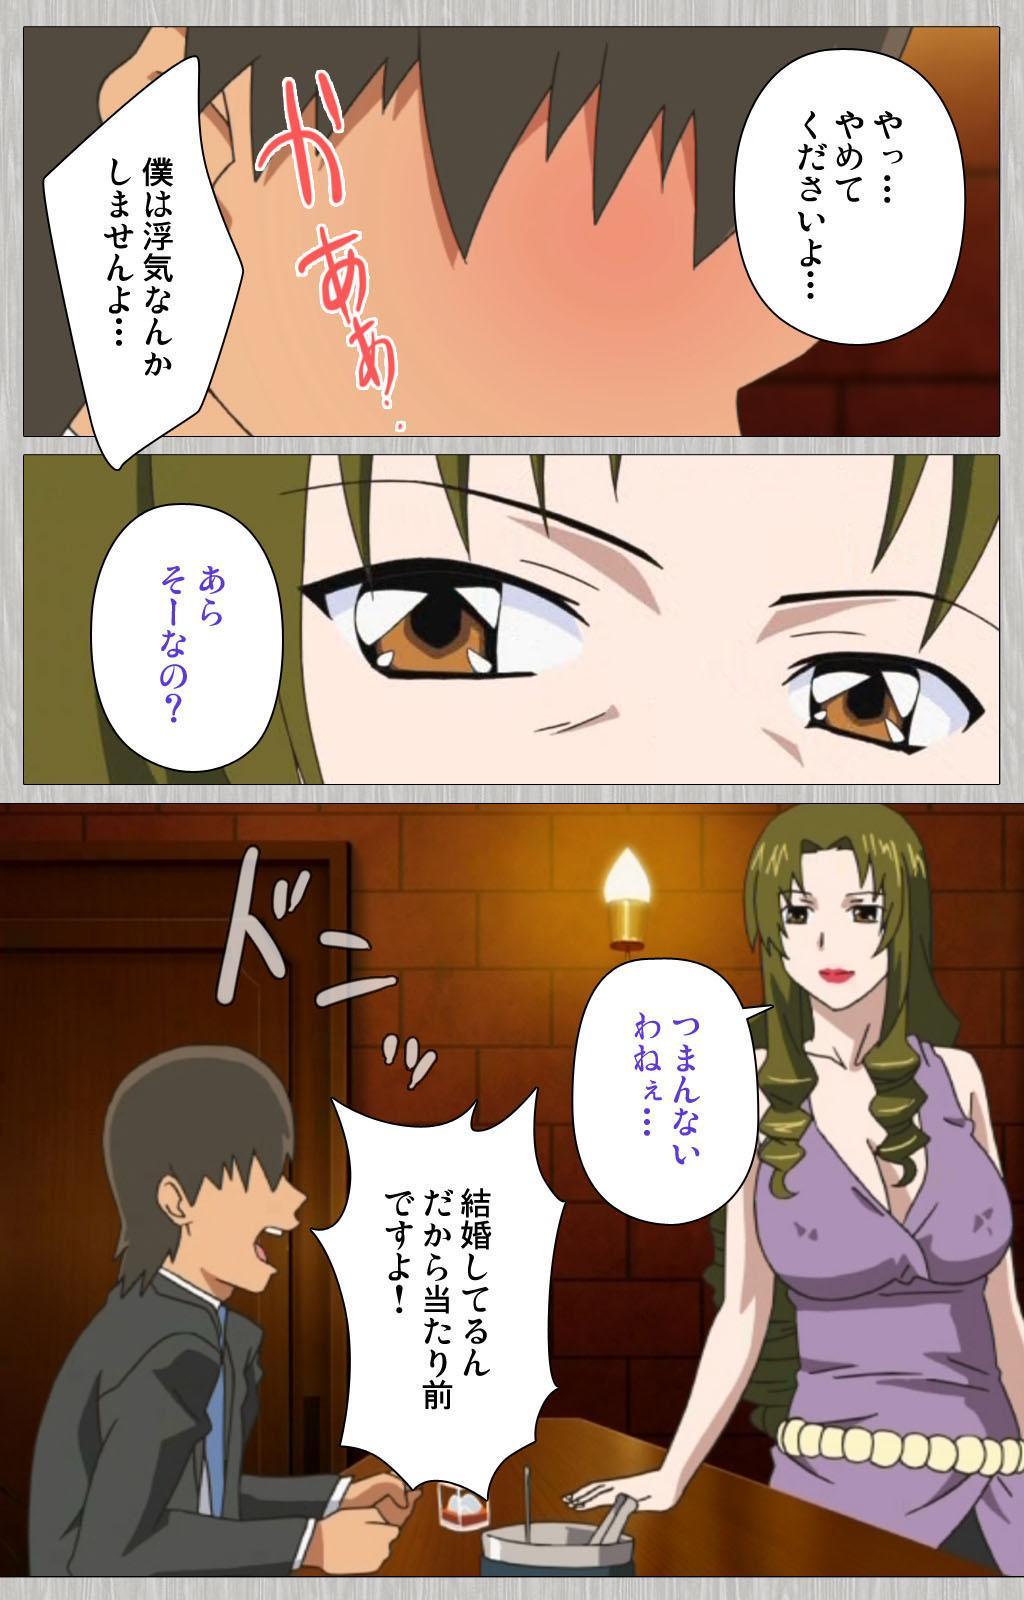 Tsuma no haha Sayuri Kanzenban 7